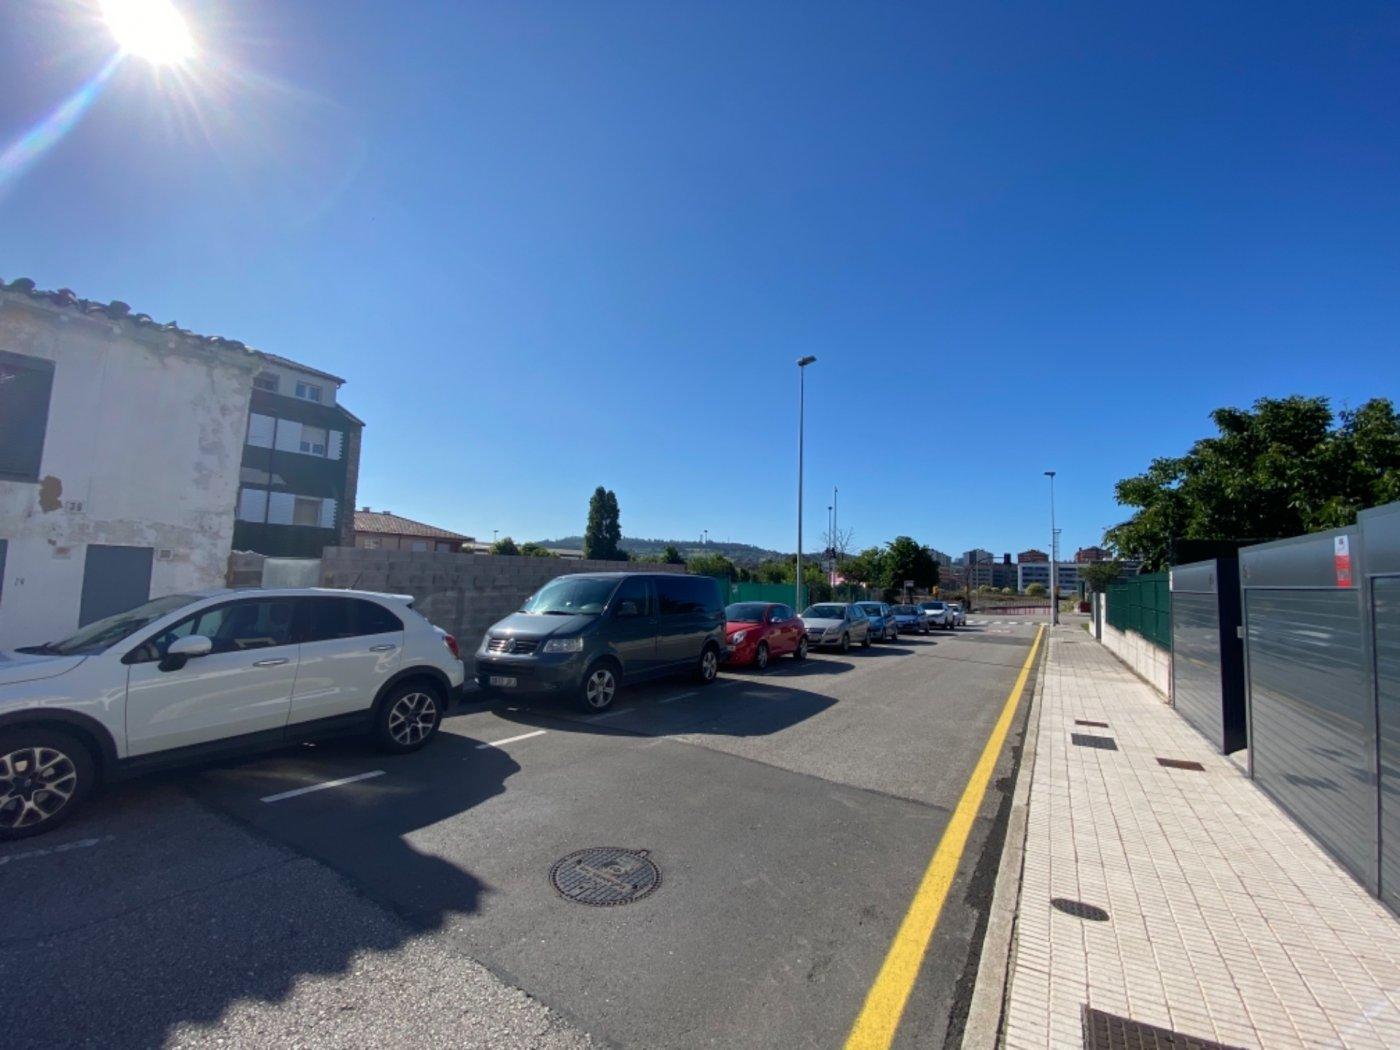 Solar en la calle pureza para chalets adosados - imagenInmueble7